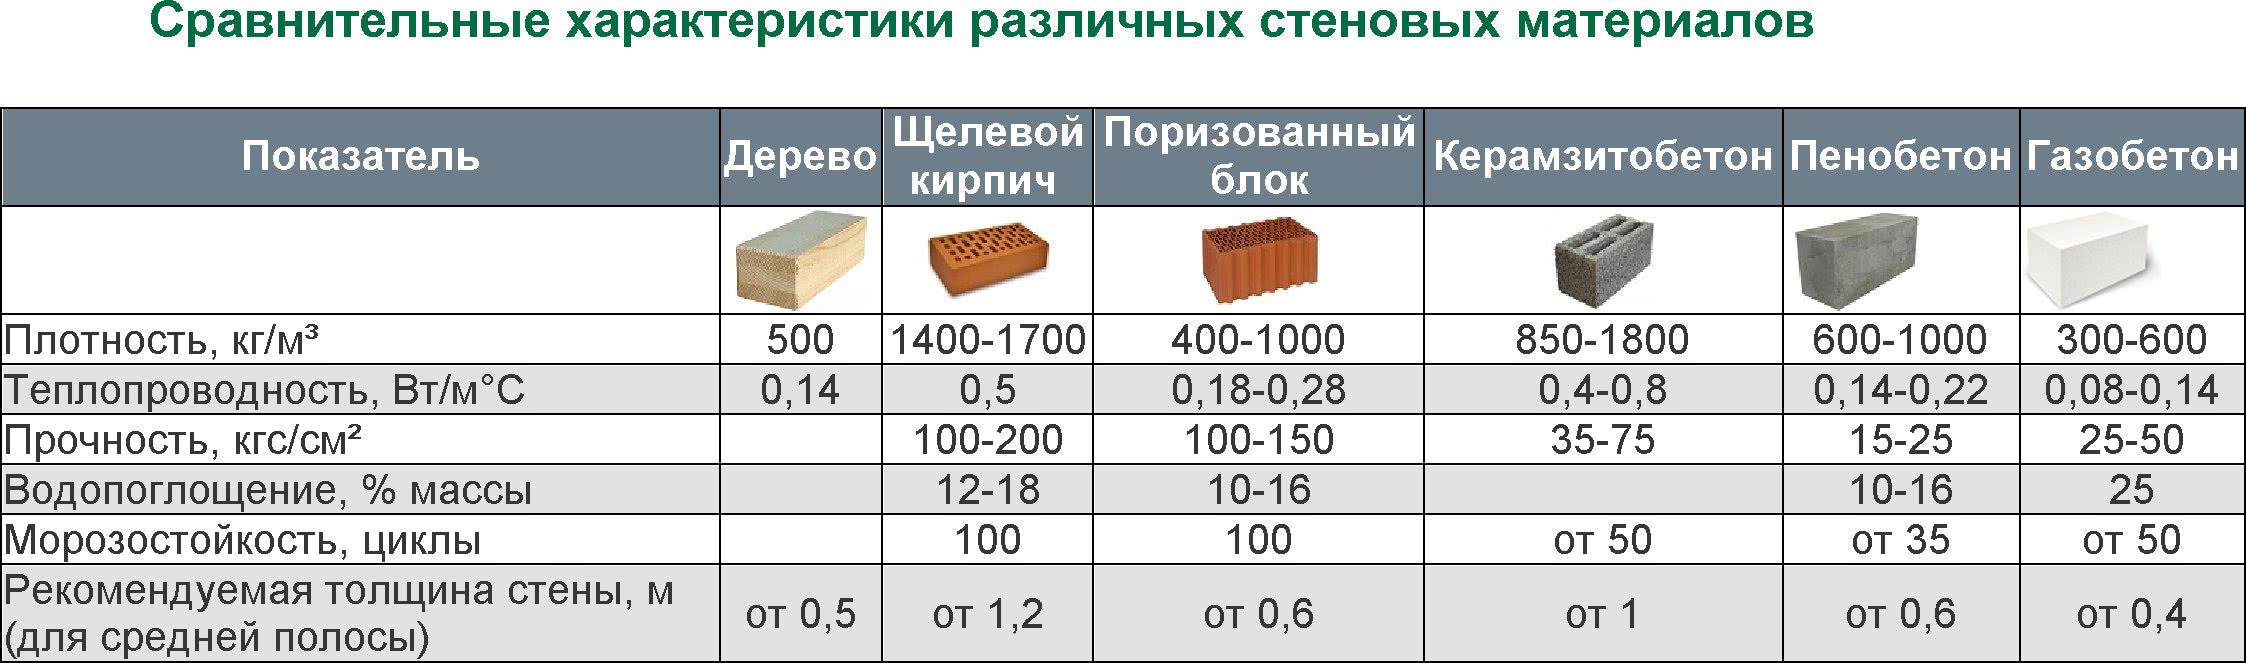 Сравнительная характеристика строительных материалов